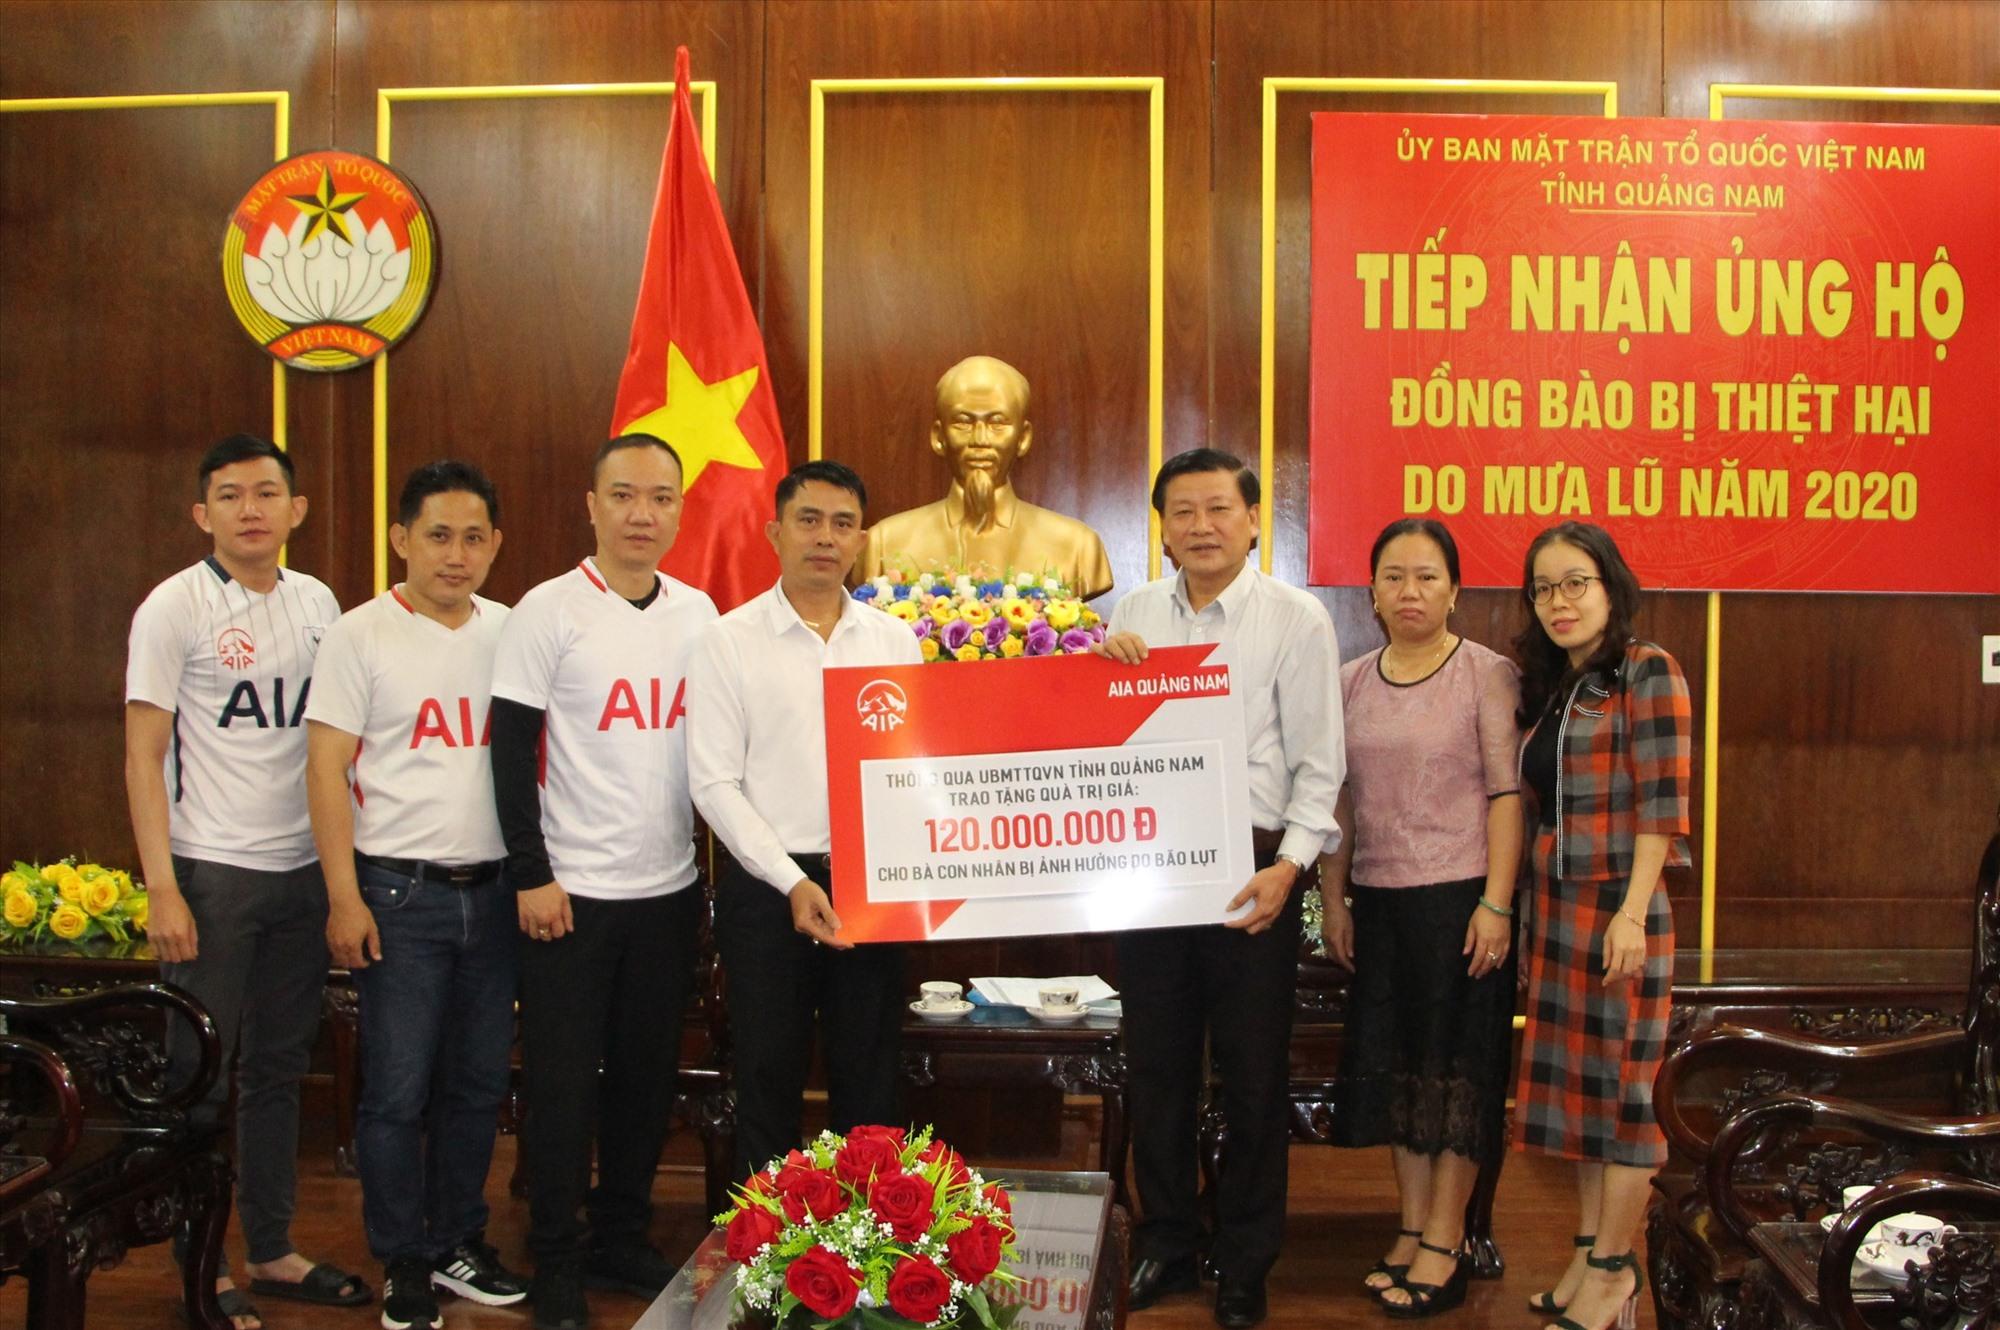 Bảo hiểm AIA trao quà ủng hộ người dân vùng lũ. Ảnh: CTV